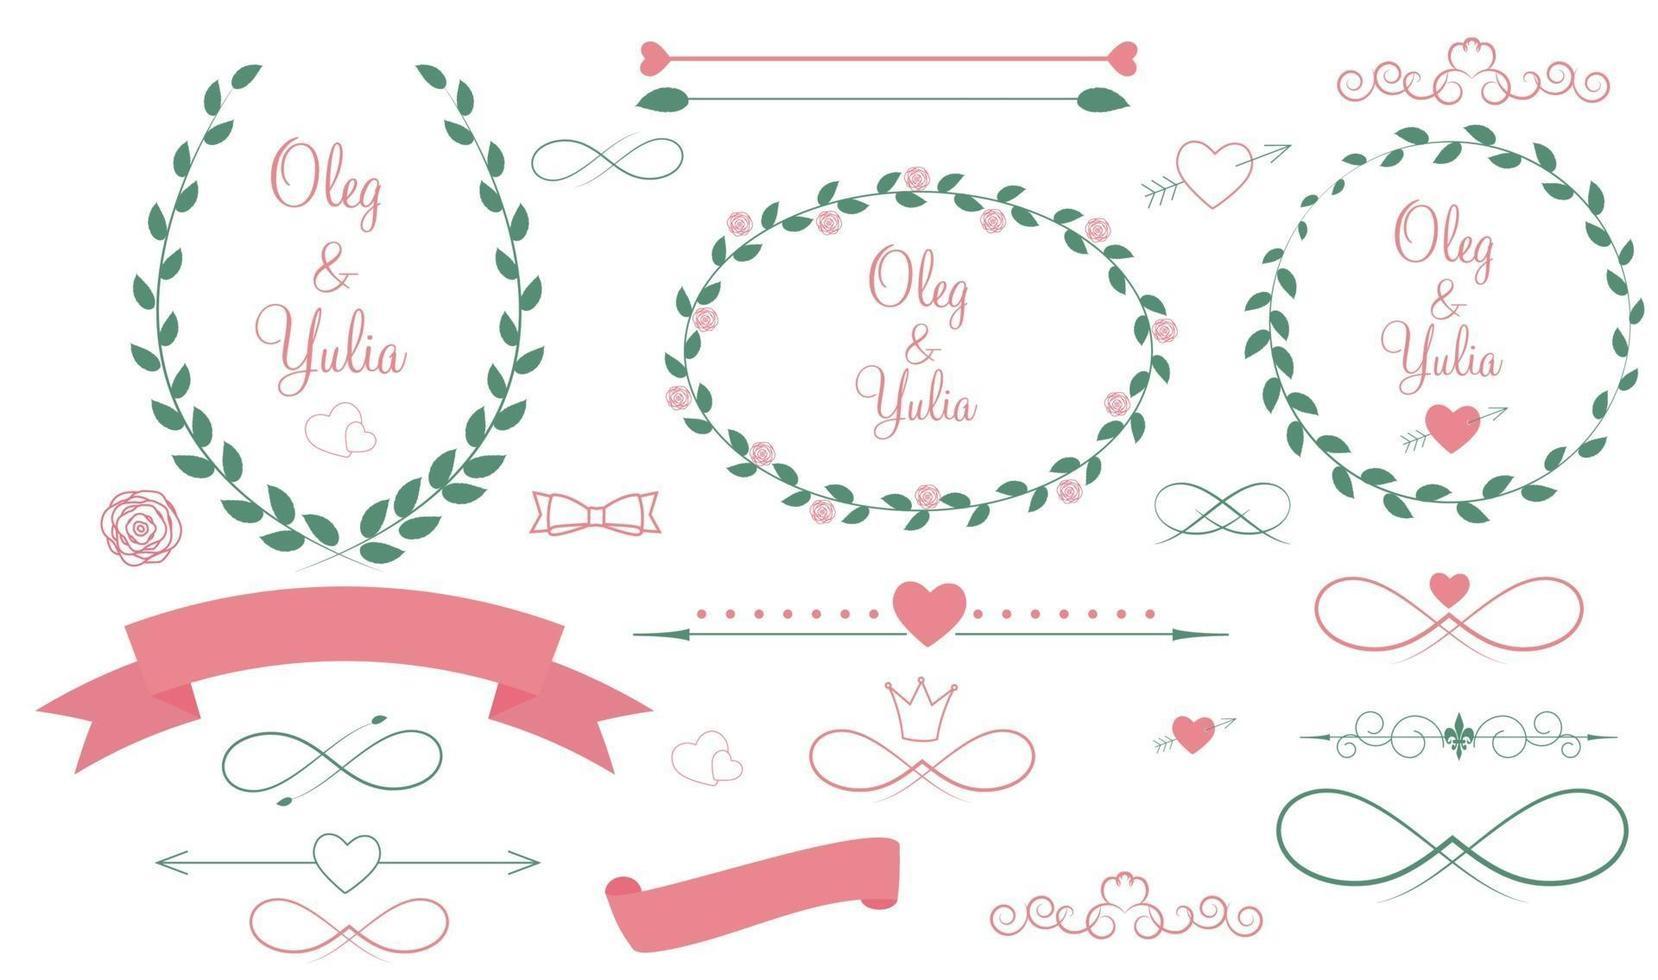 conjunto de elementos gráficos de boda con flechas, corazones y laurel vector